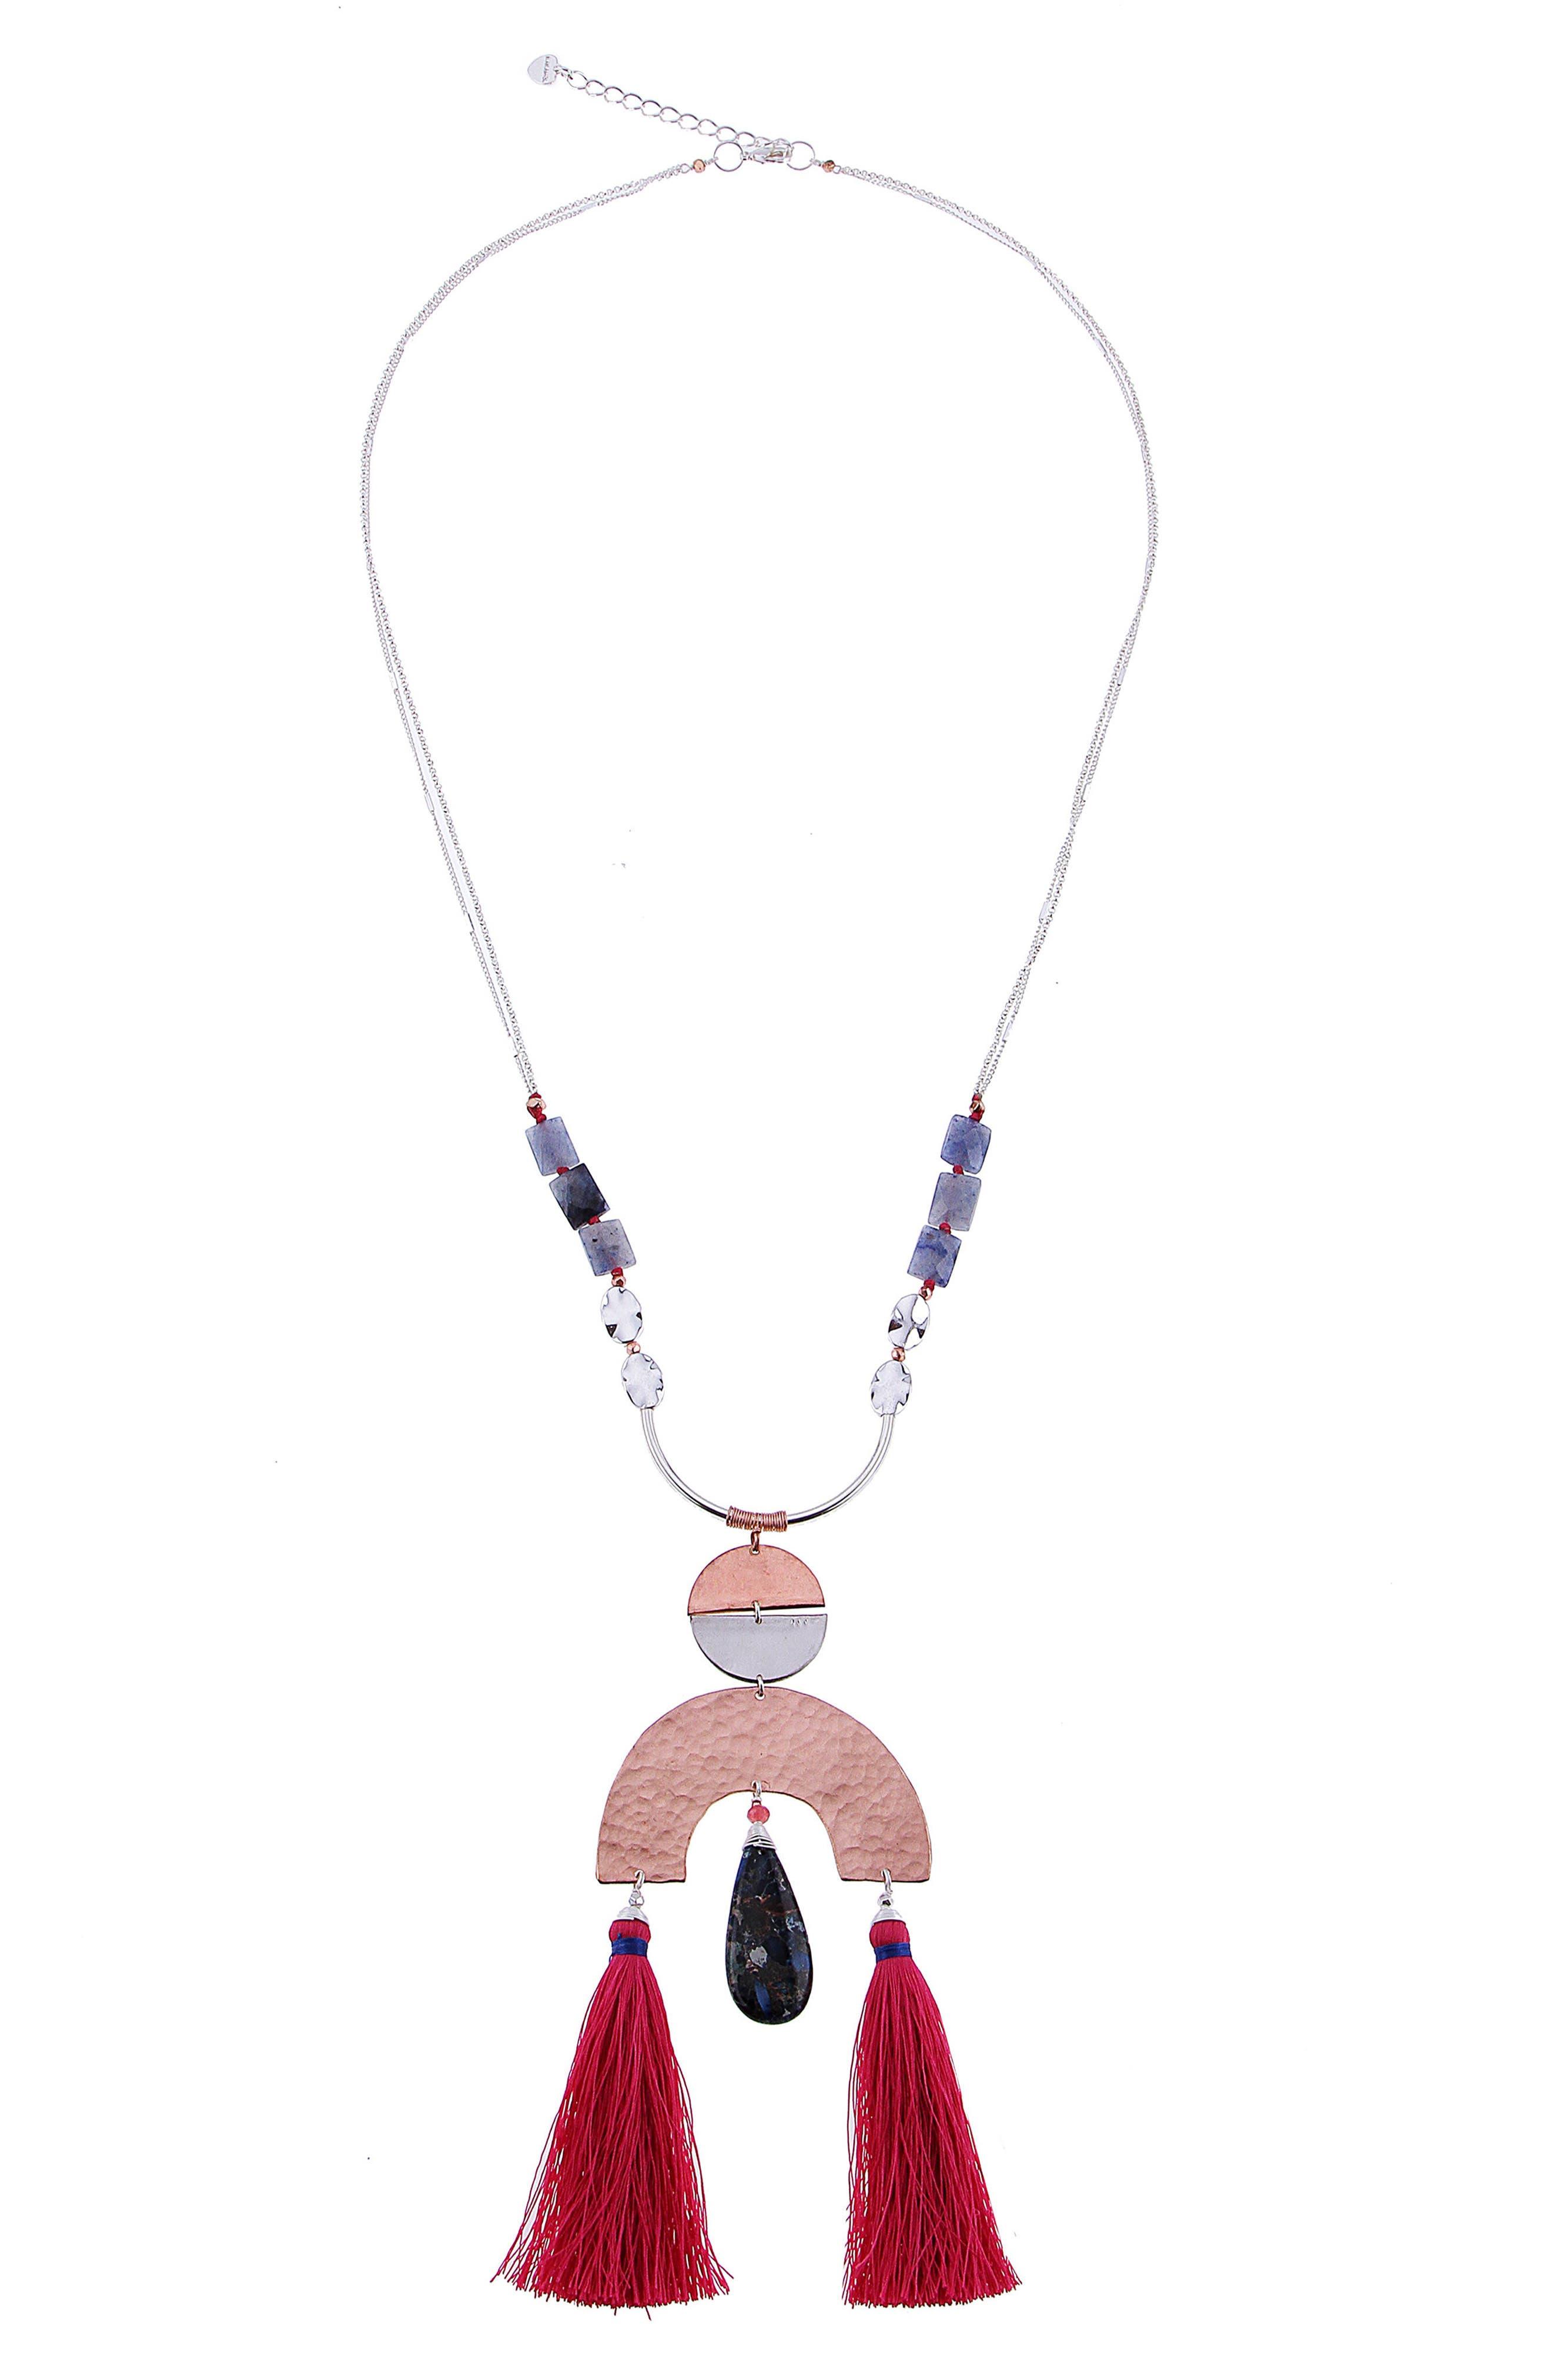 Double Tassel Agate Pendant Necklace,                         Main,                         color,